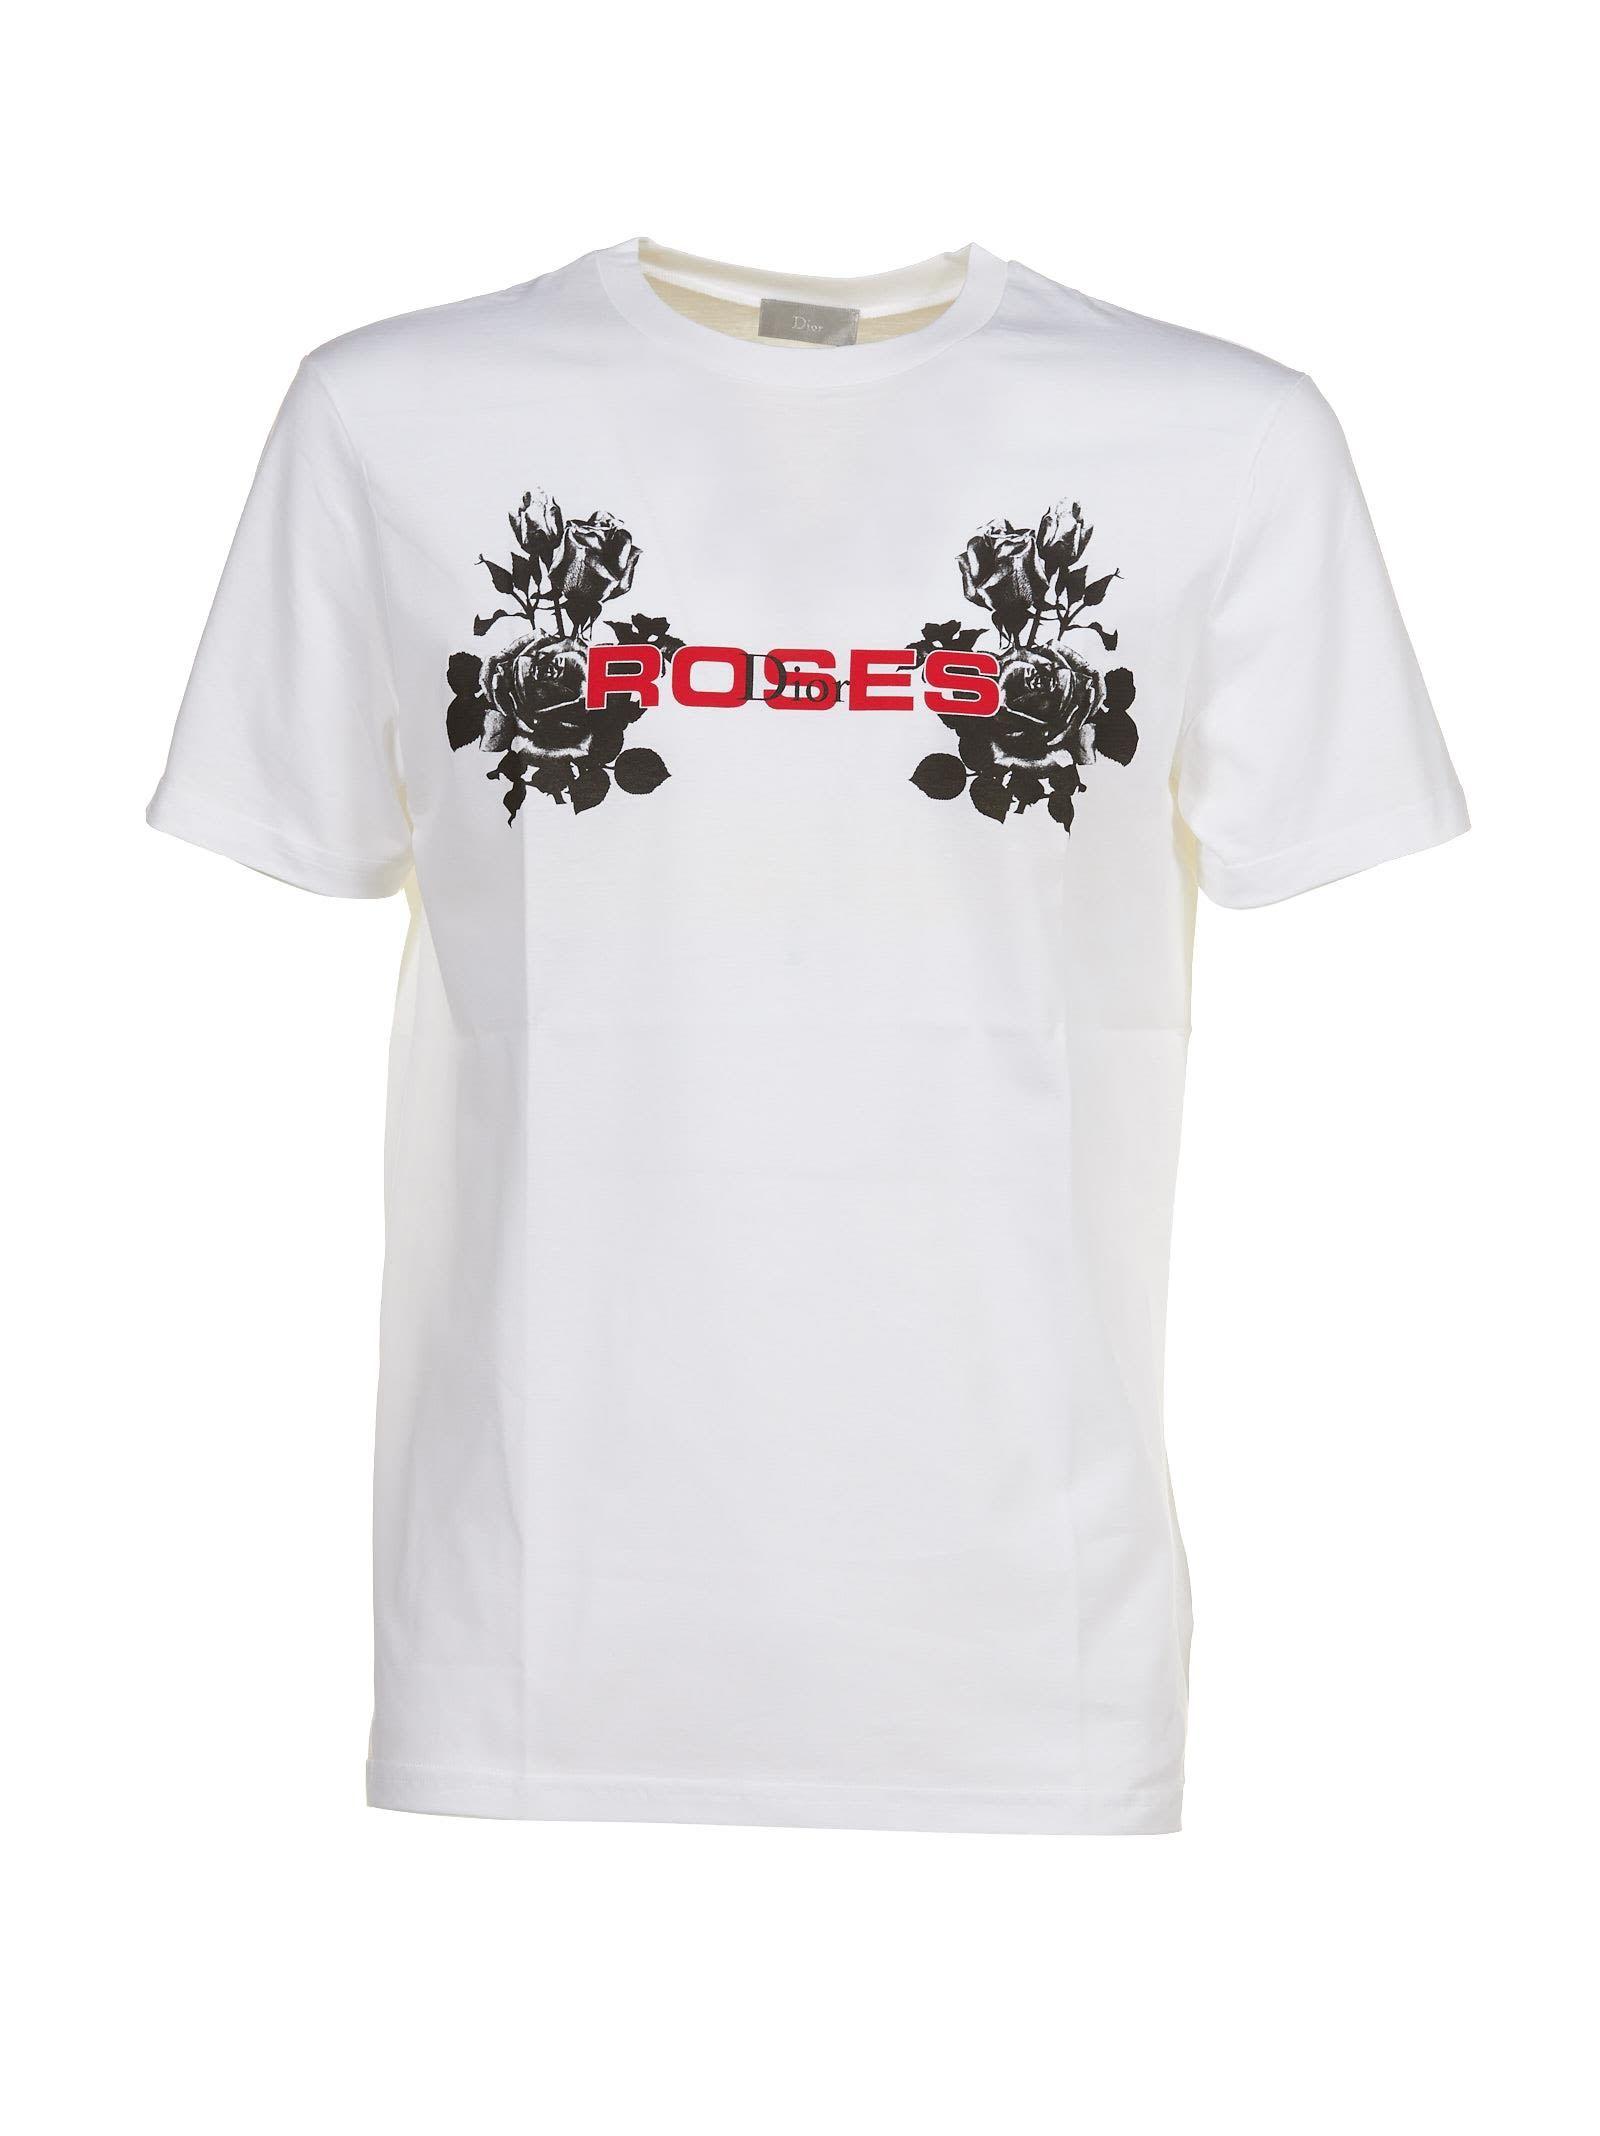 582e46e0 DIOR HOMME ROSES T-SHIRT. #dior #cloth #   Dior Men   Dior, Shirts ...